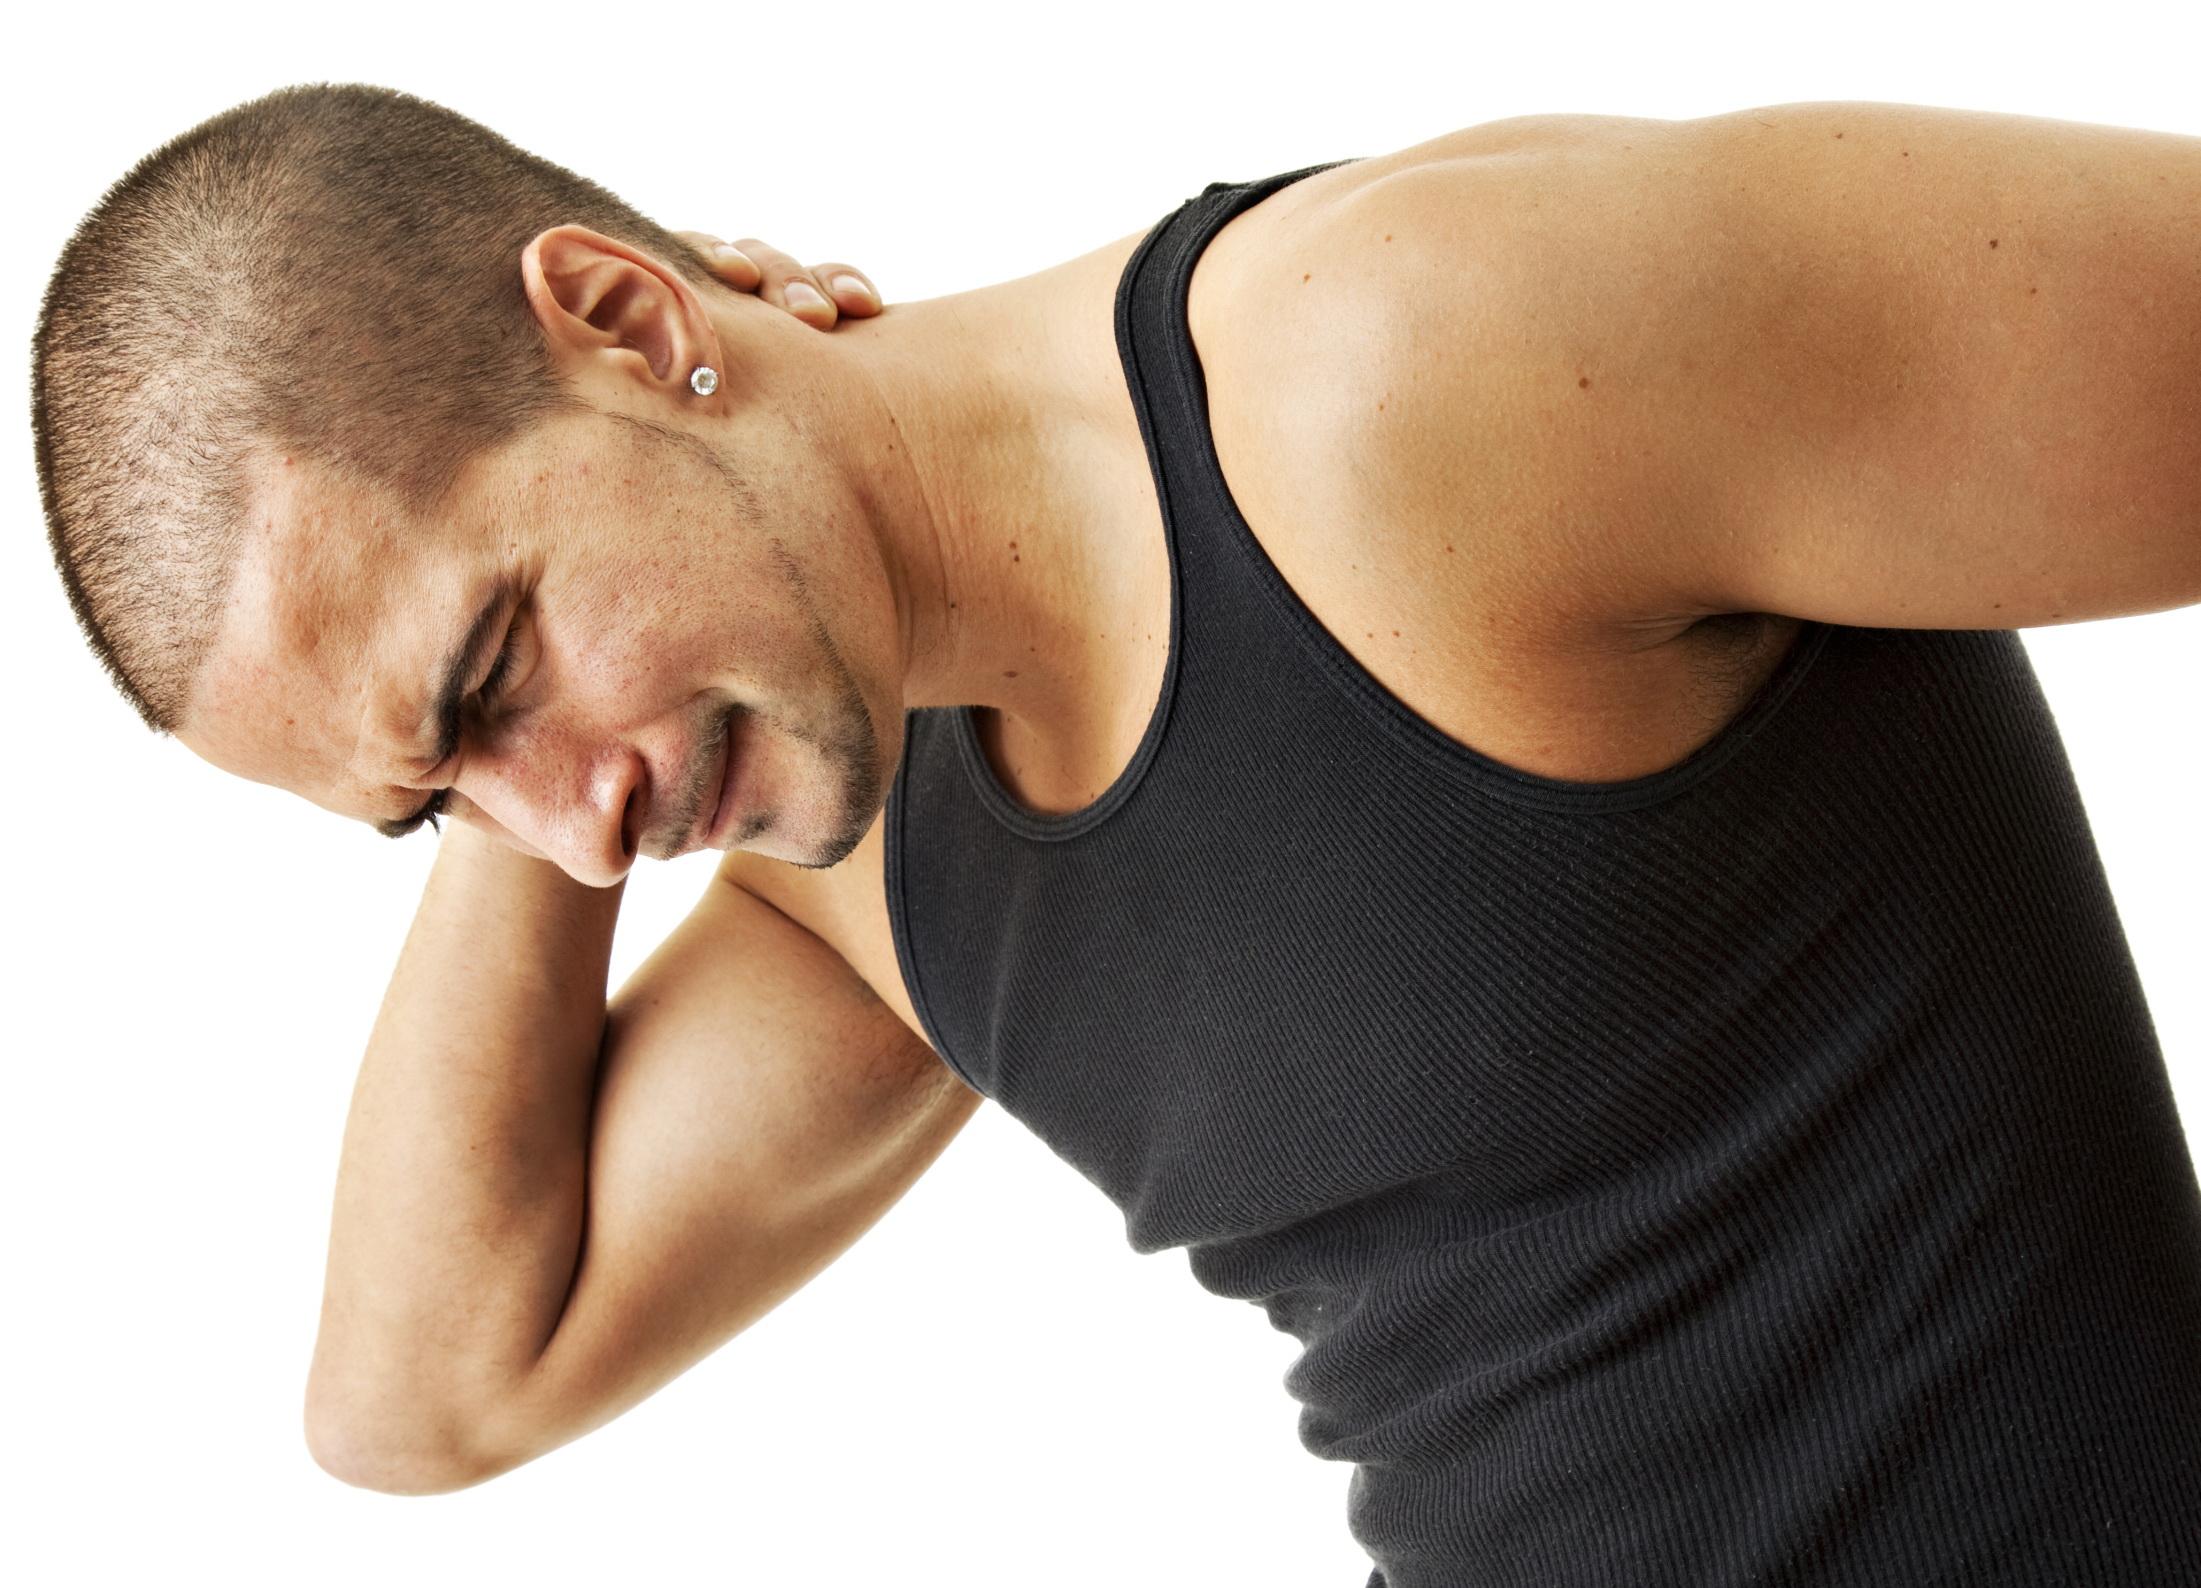 Шейный остеохондроз: симптомы, лечение в домашних условиях ...